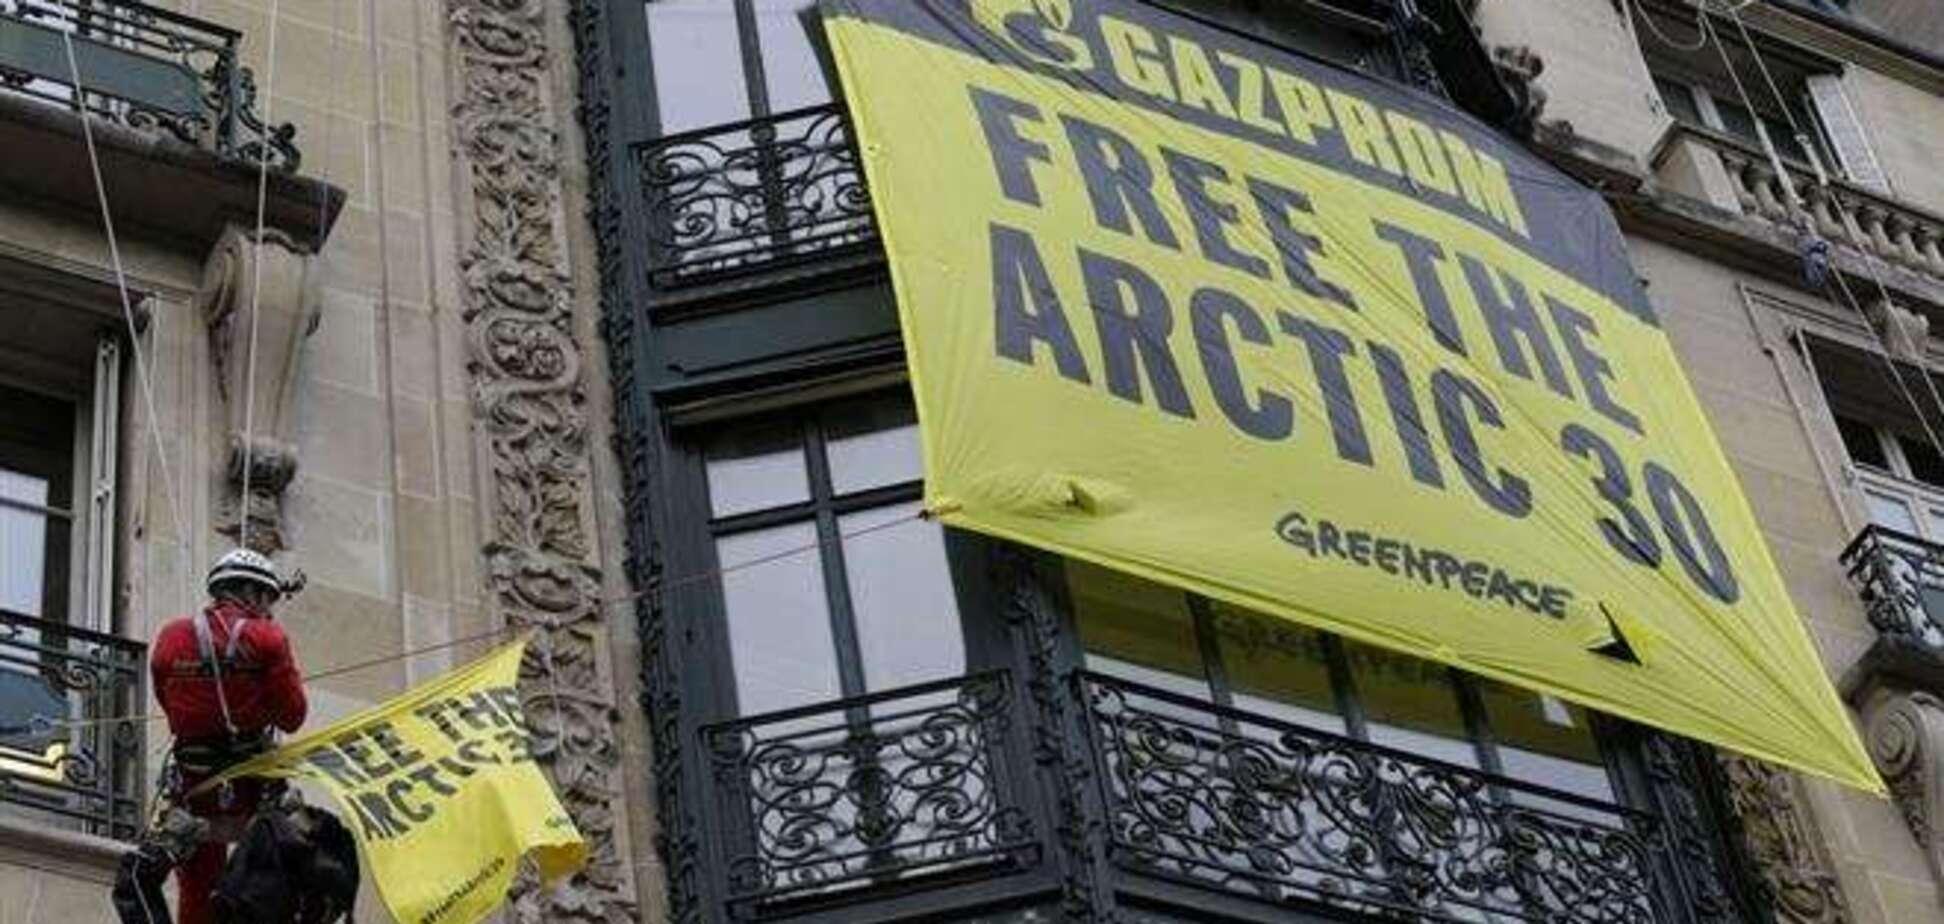 У 43 країнах світу відбуваються акції на підтримку арештованих в РФ активістів 'Грінпіс'